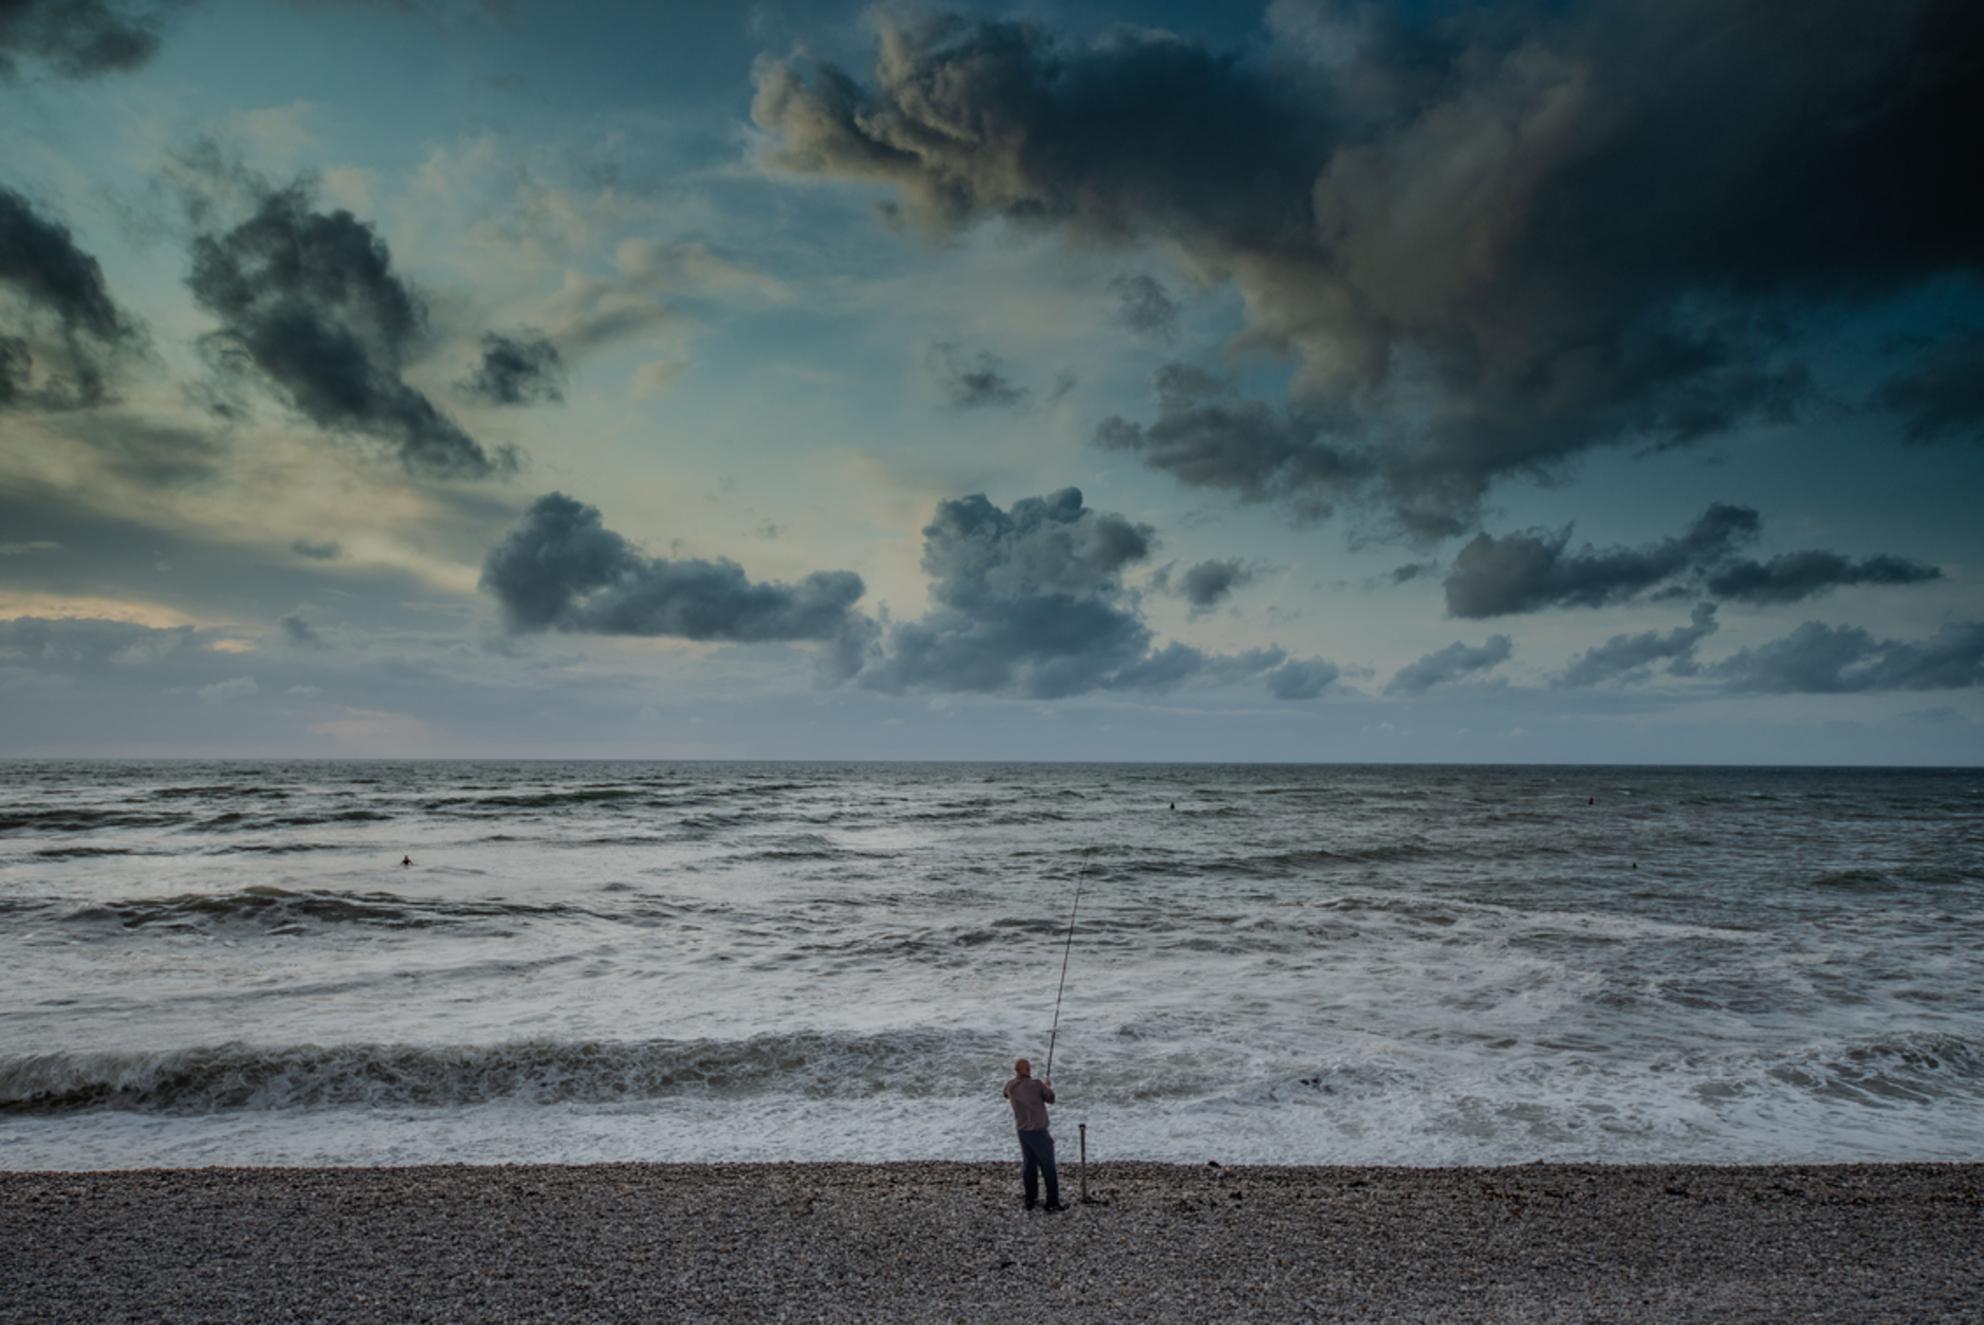 De visser - Eenzame visser op het strand van Etretat - foto door TaraKiekt op 09-08-2019 - deze foto bevat: wolken, zon, strand, zee, water, natuur, licht, zonsondergang, vakantie, spiegeling, vissen, landschap, tegenlicht, zand, haven, kust, visser, oceaan, kliffen - Deze foto mag gebruikt worden in een Zoom.nl publicatie